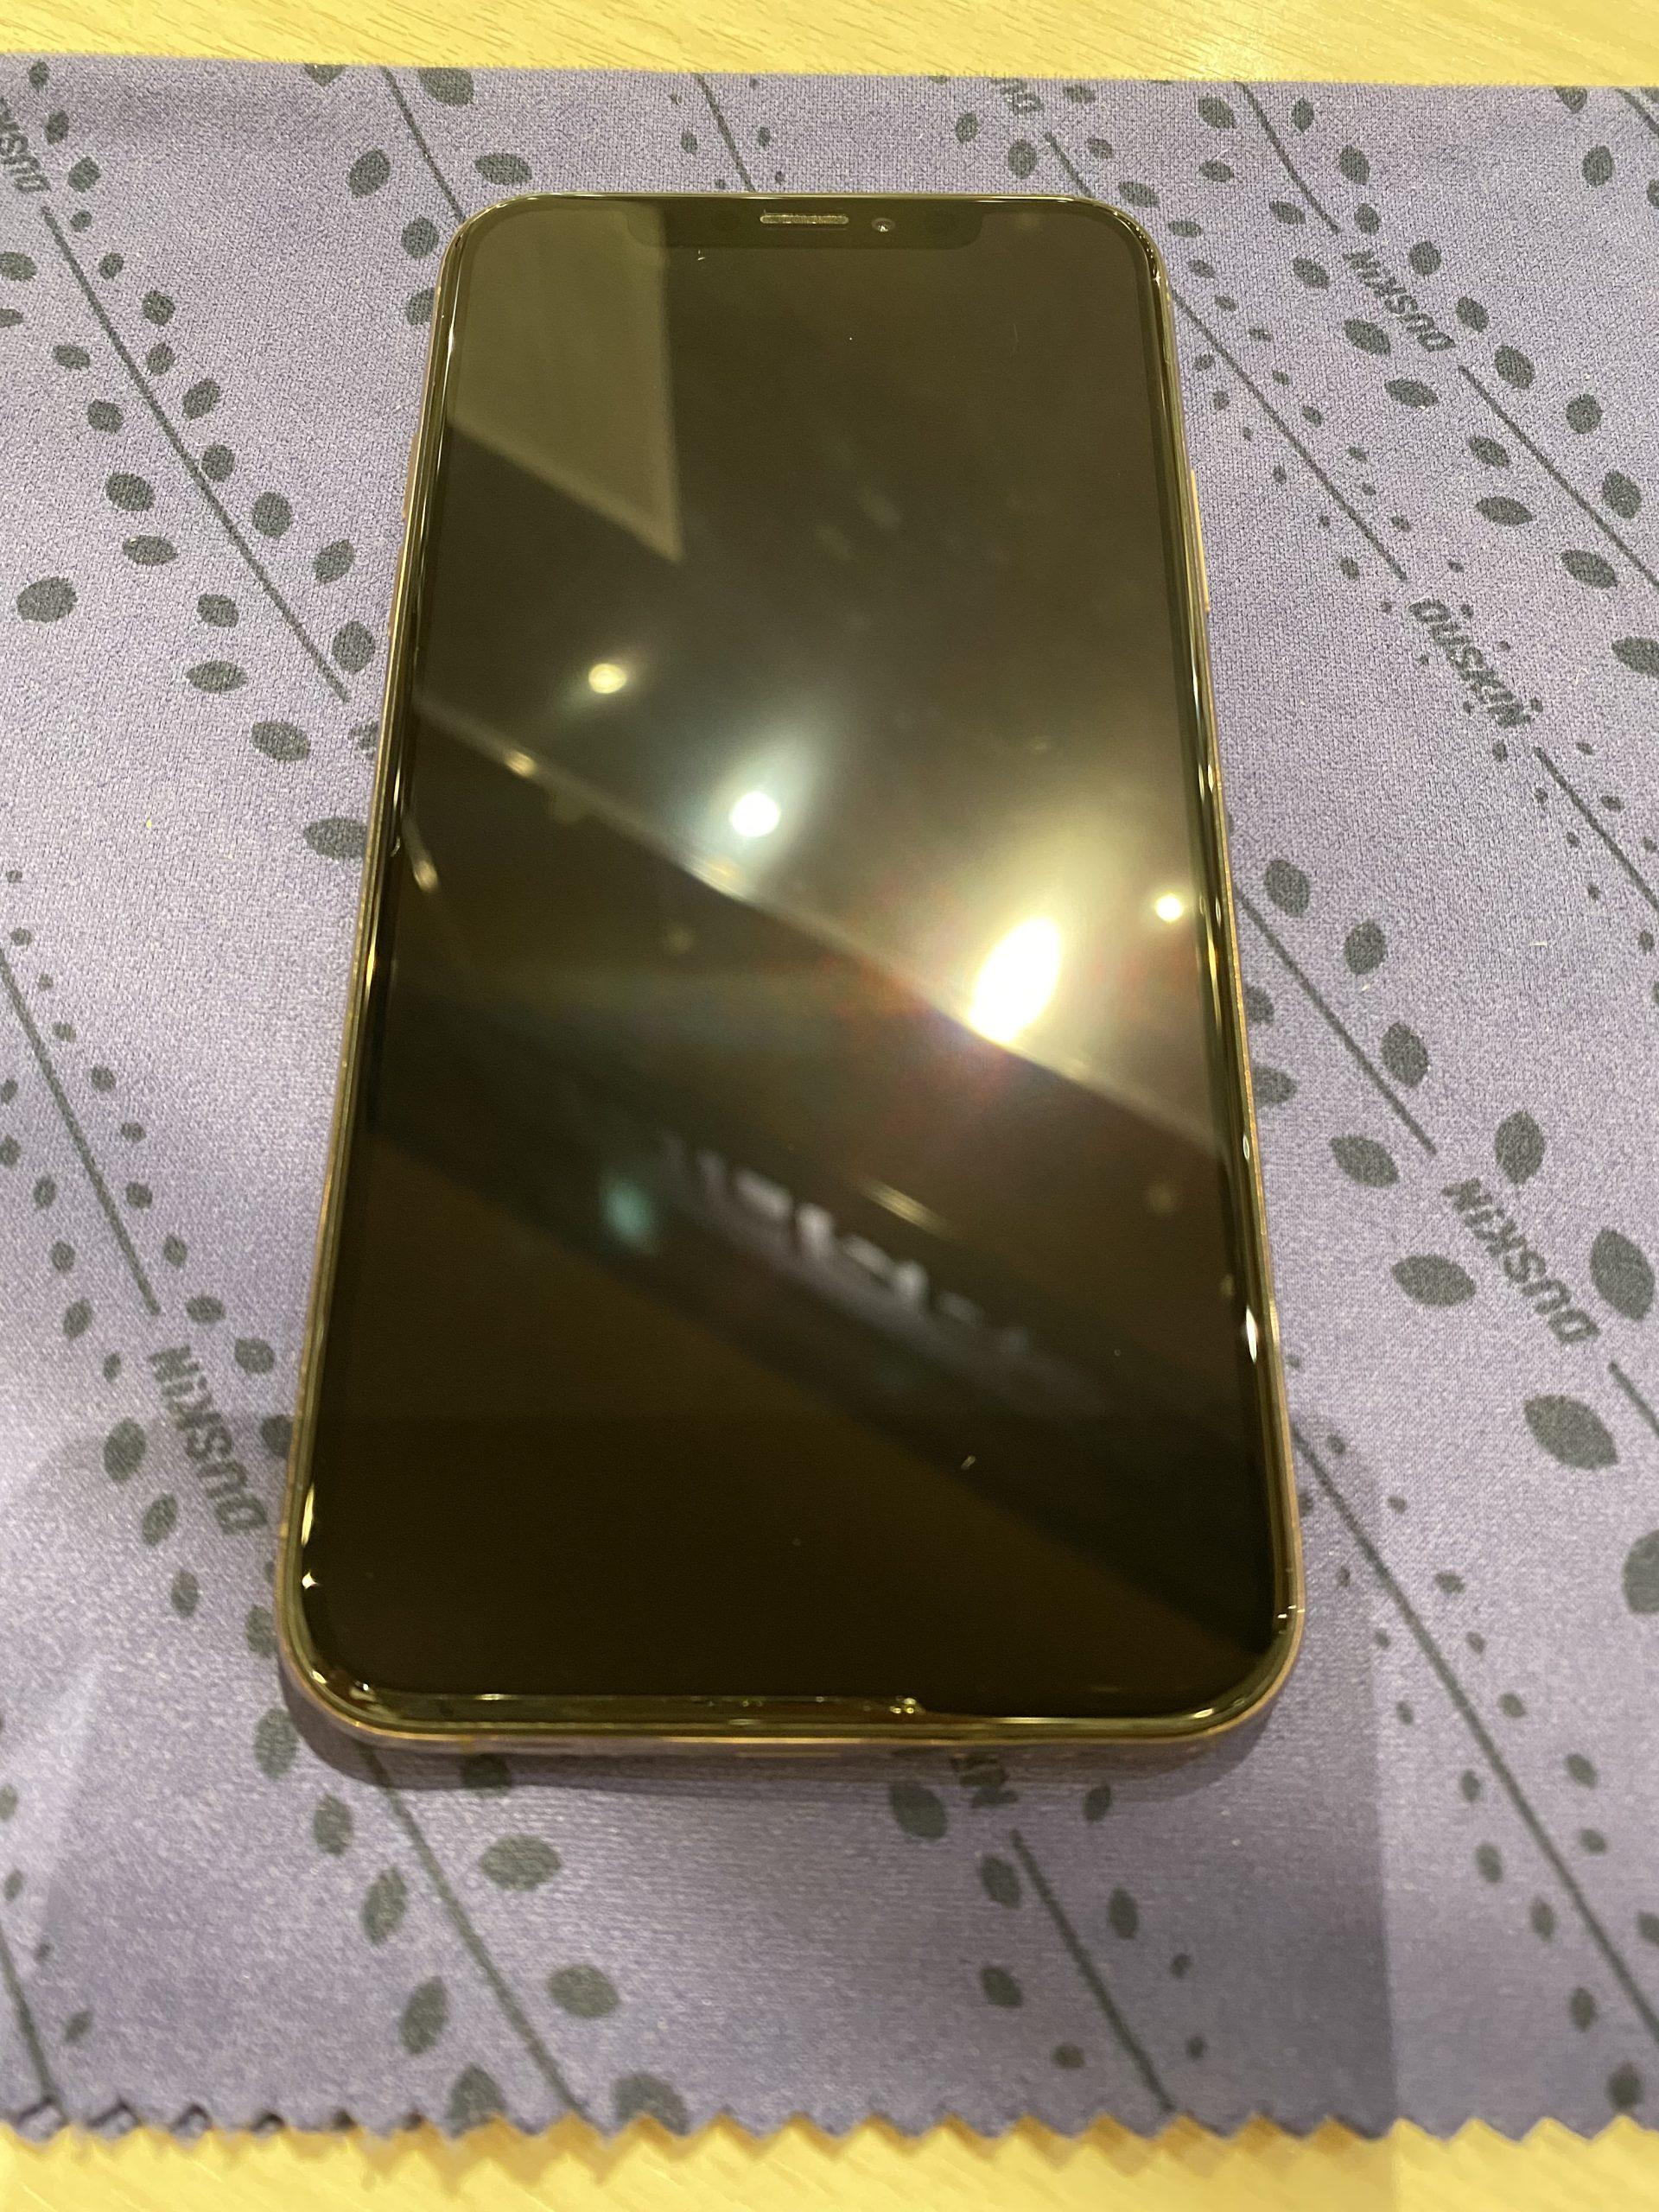 iPhoneXs au:〇 256GB ゴールド 中古